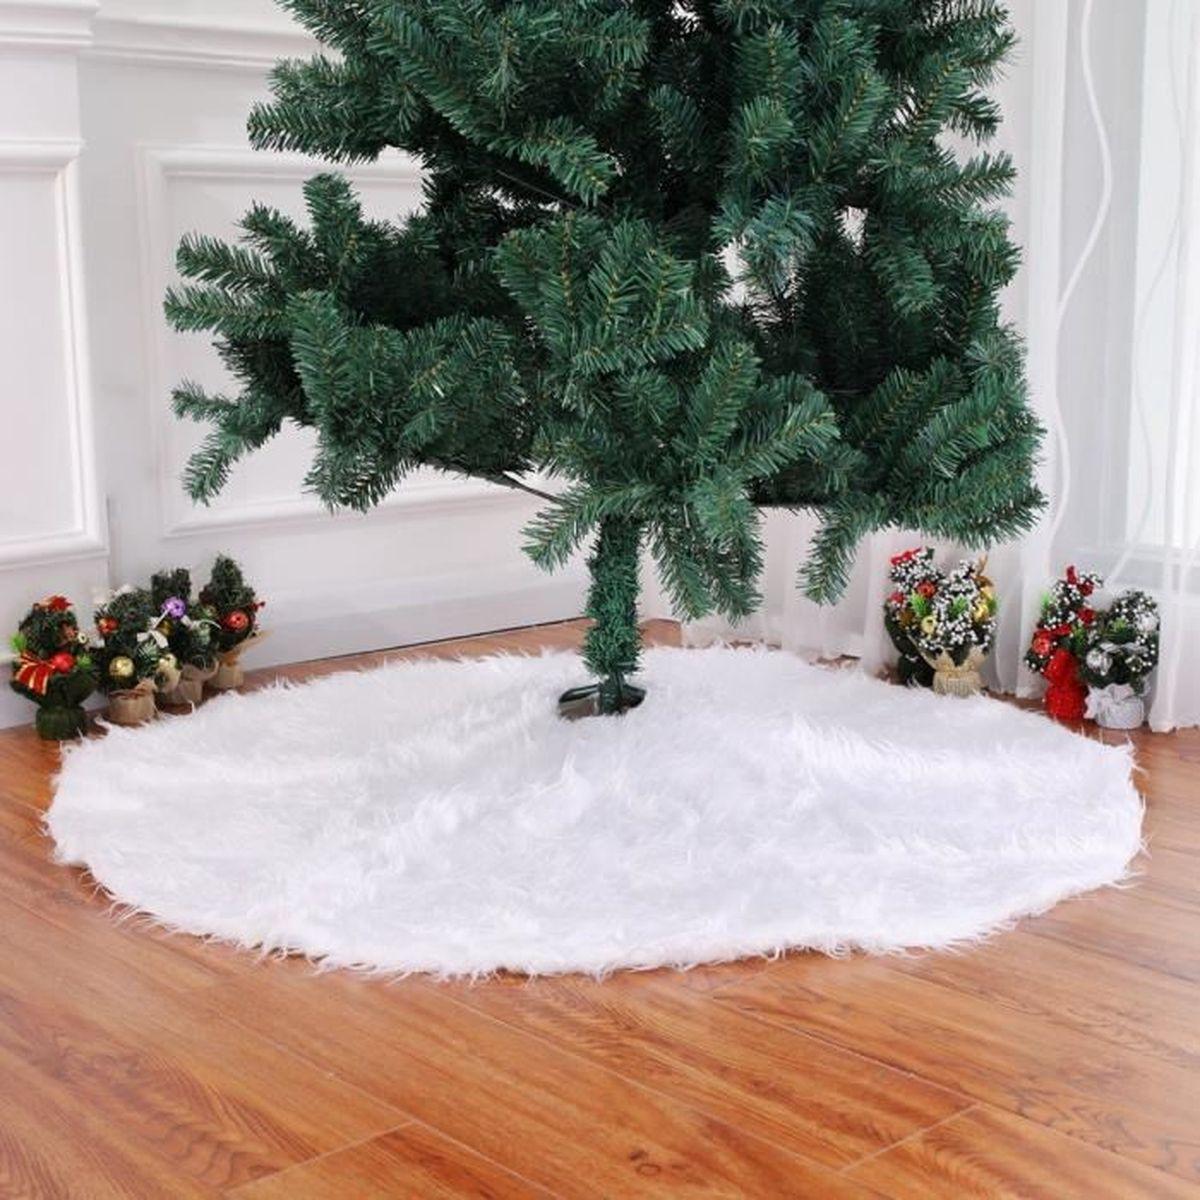 Tapis De Sapin Arbre Noël Pied Diamètre 122cm Grand Décoration Avec Fils  Longues Modèle 10 Blanc